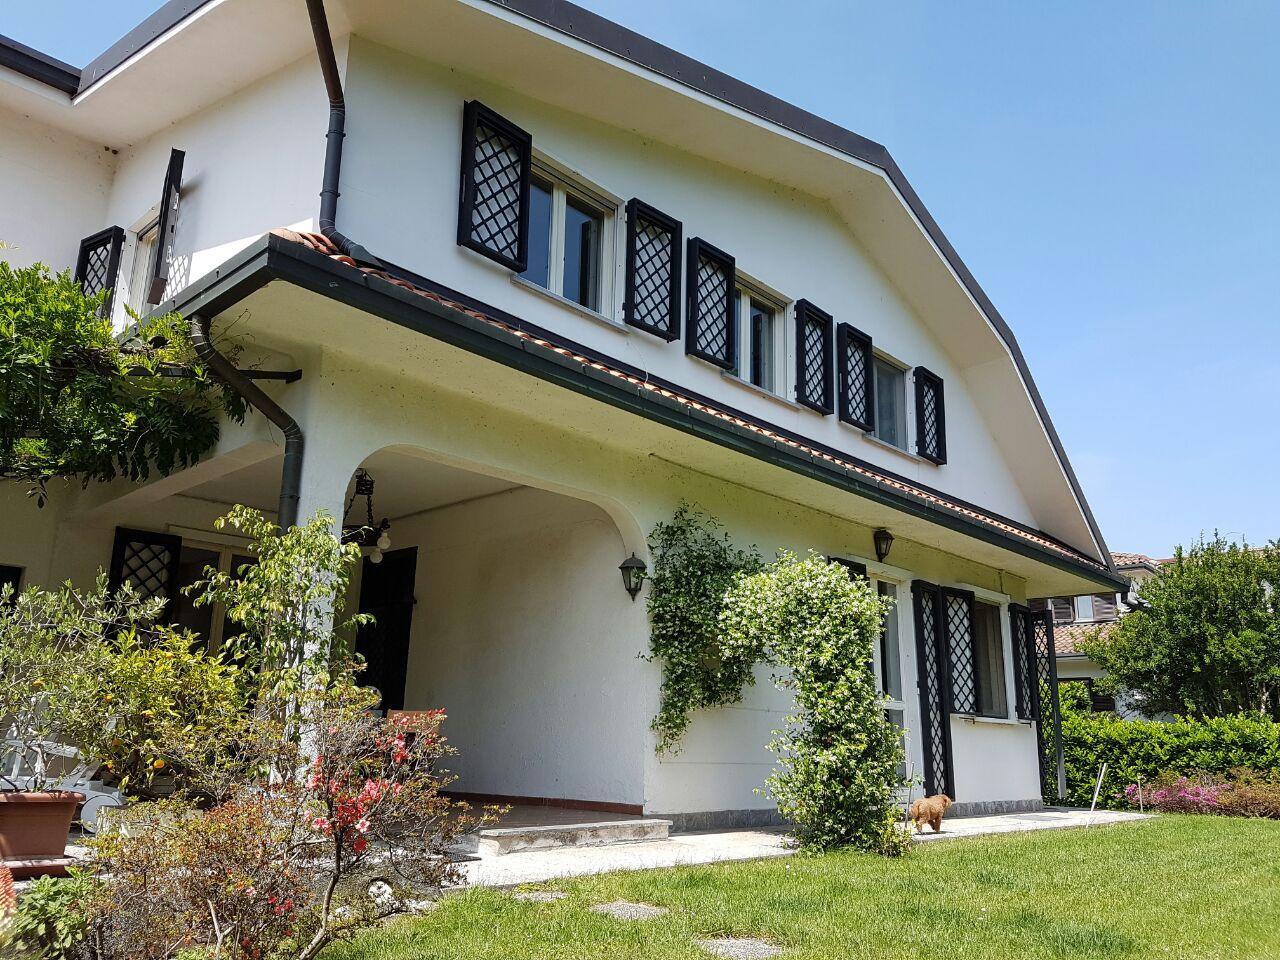 Villa in Vendita a Rodano: 5 locali, 326 mq